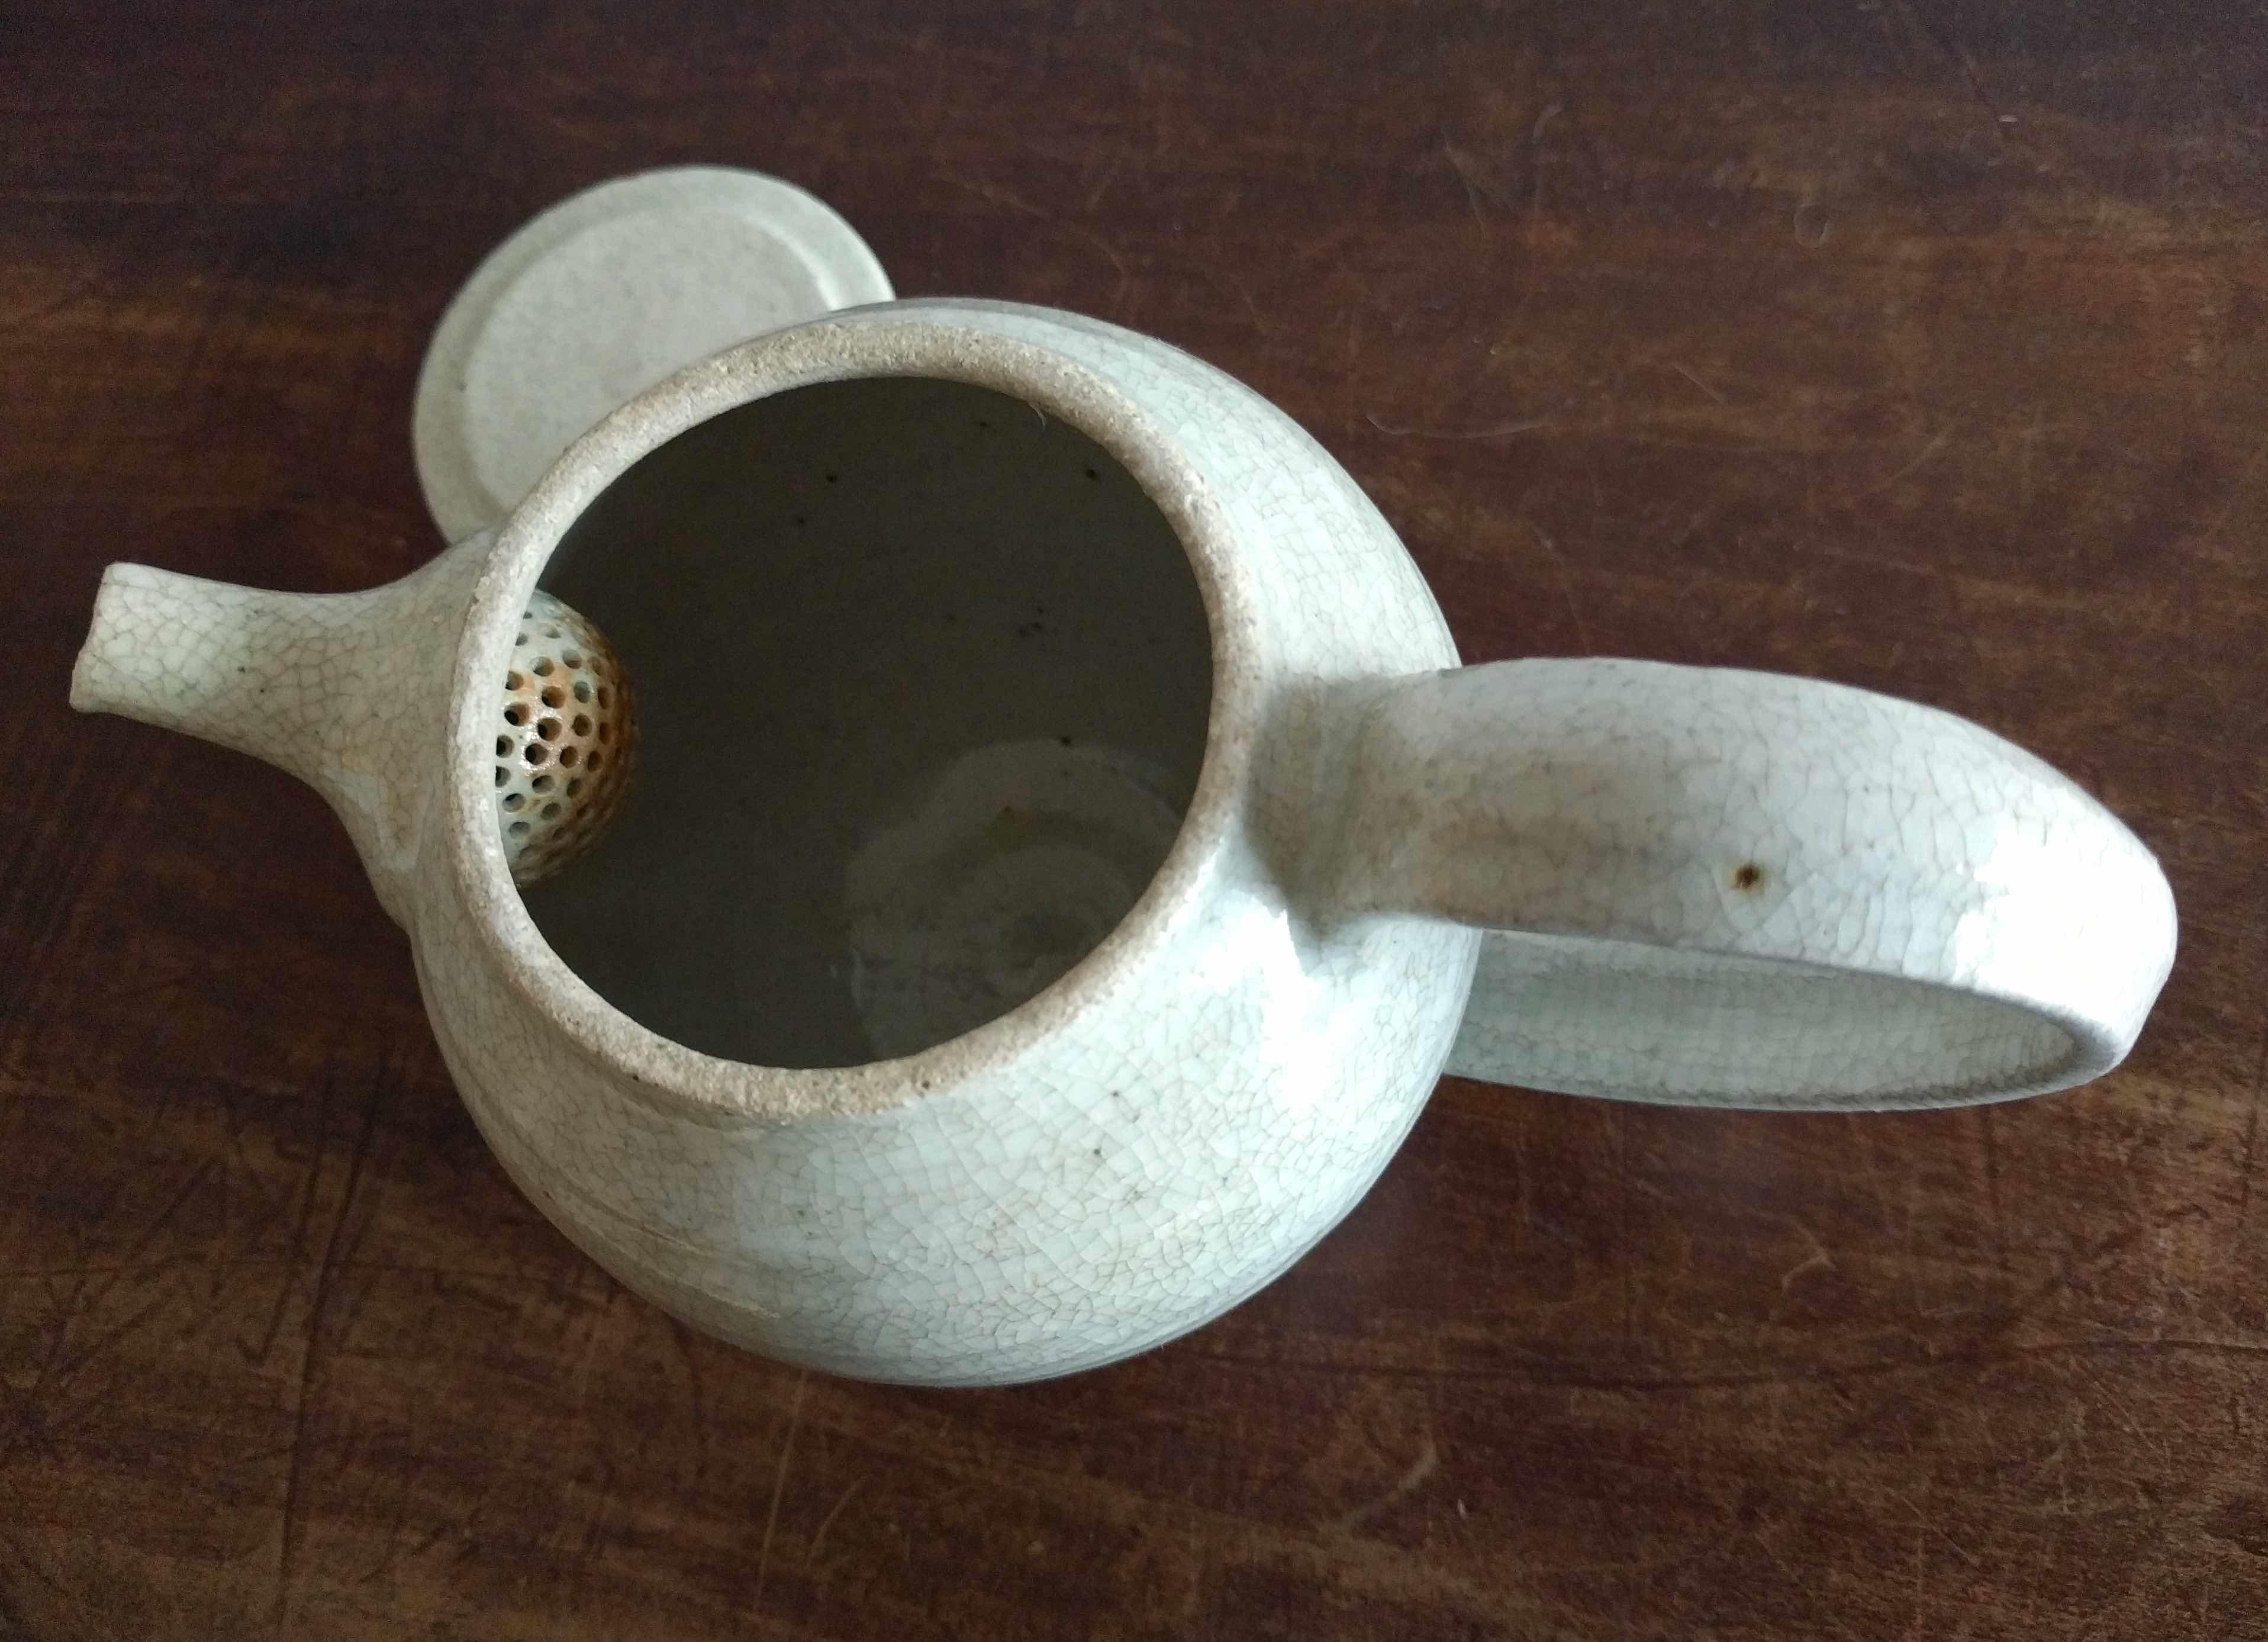 温かいお茶で一服しましょう_a0265743_21373526.jpg